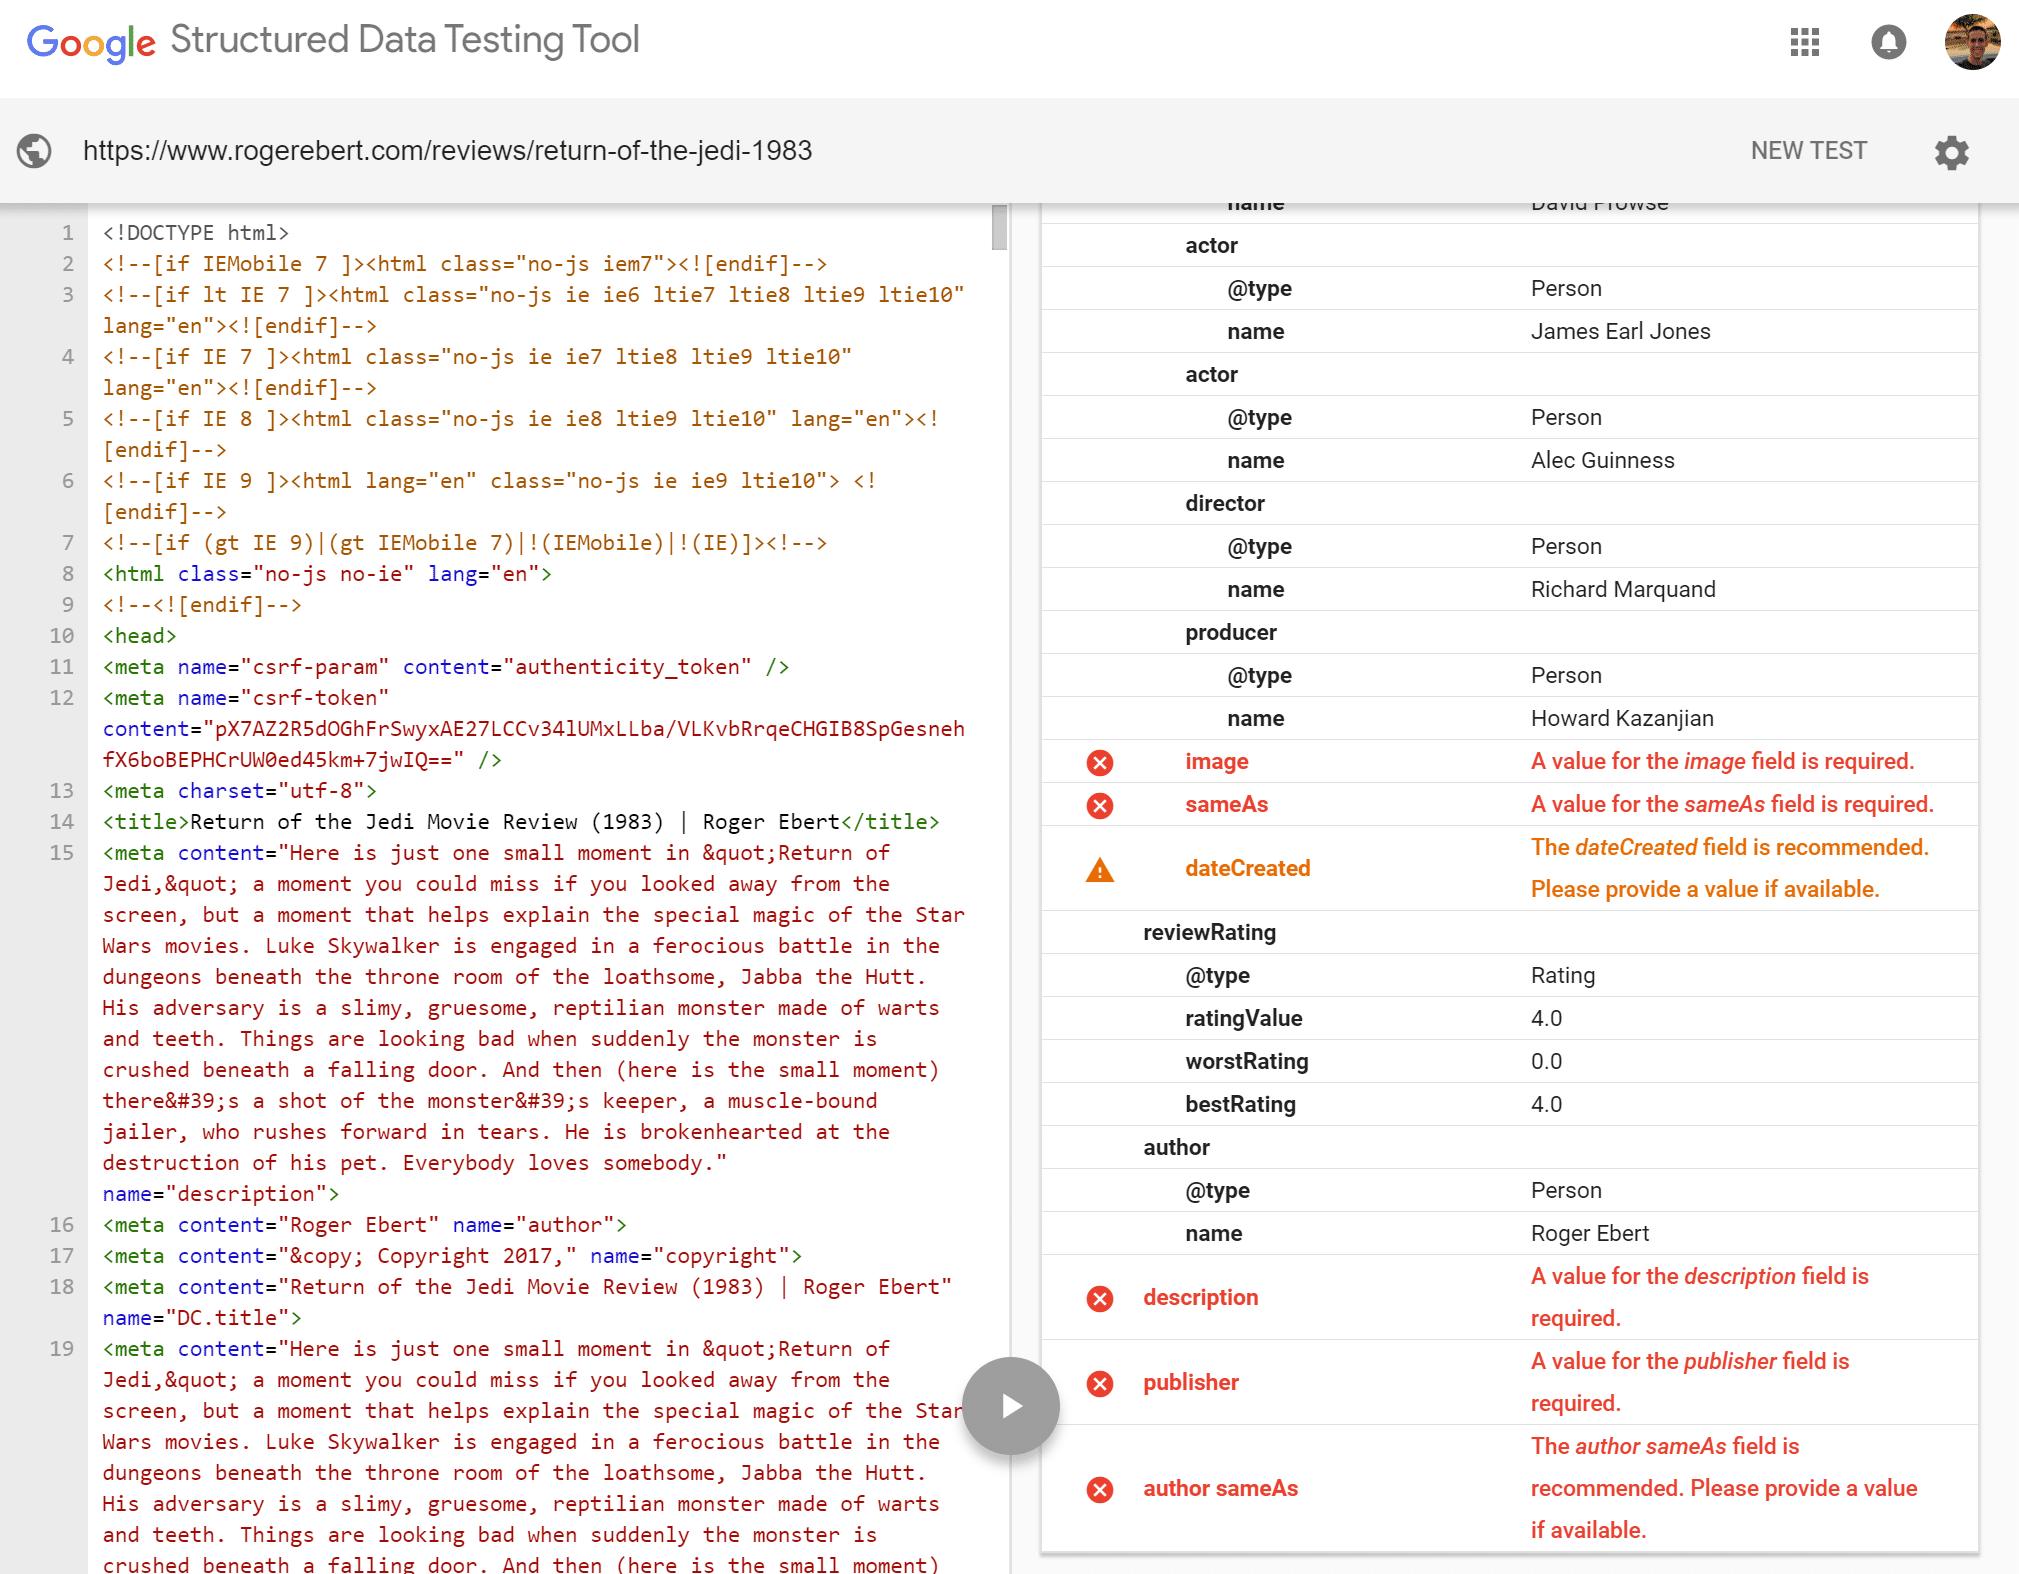 Schema errors